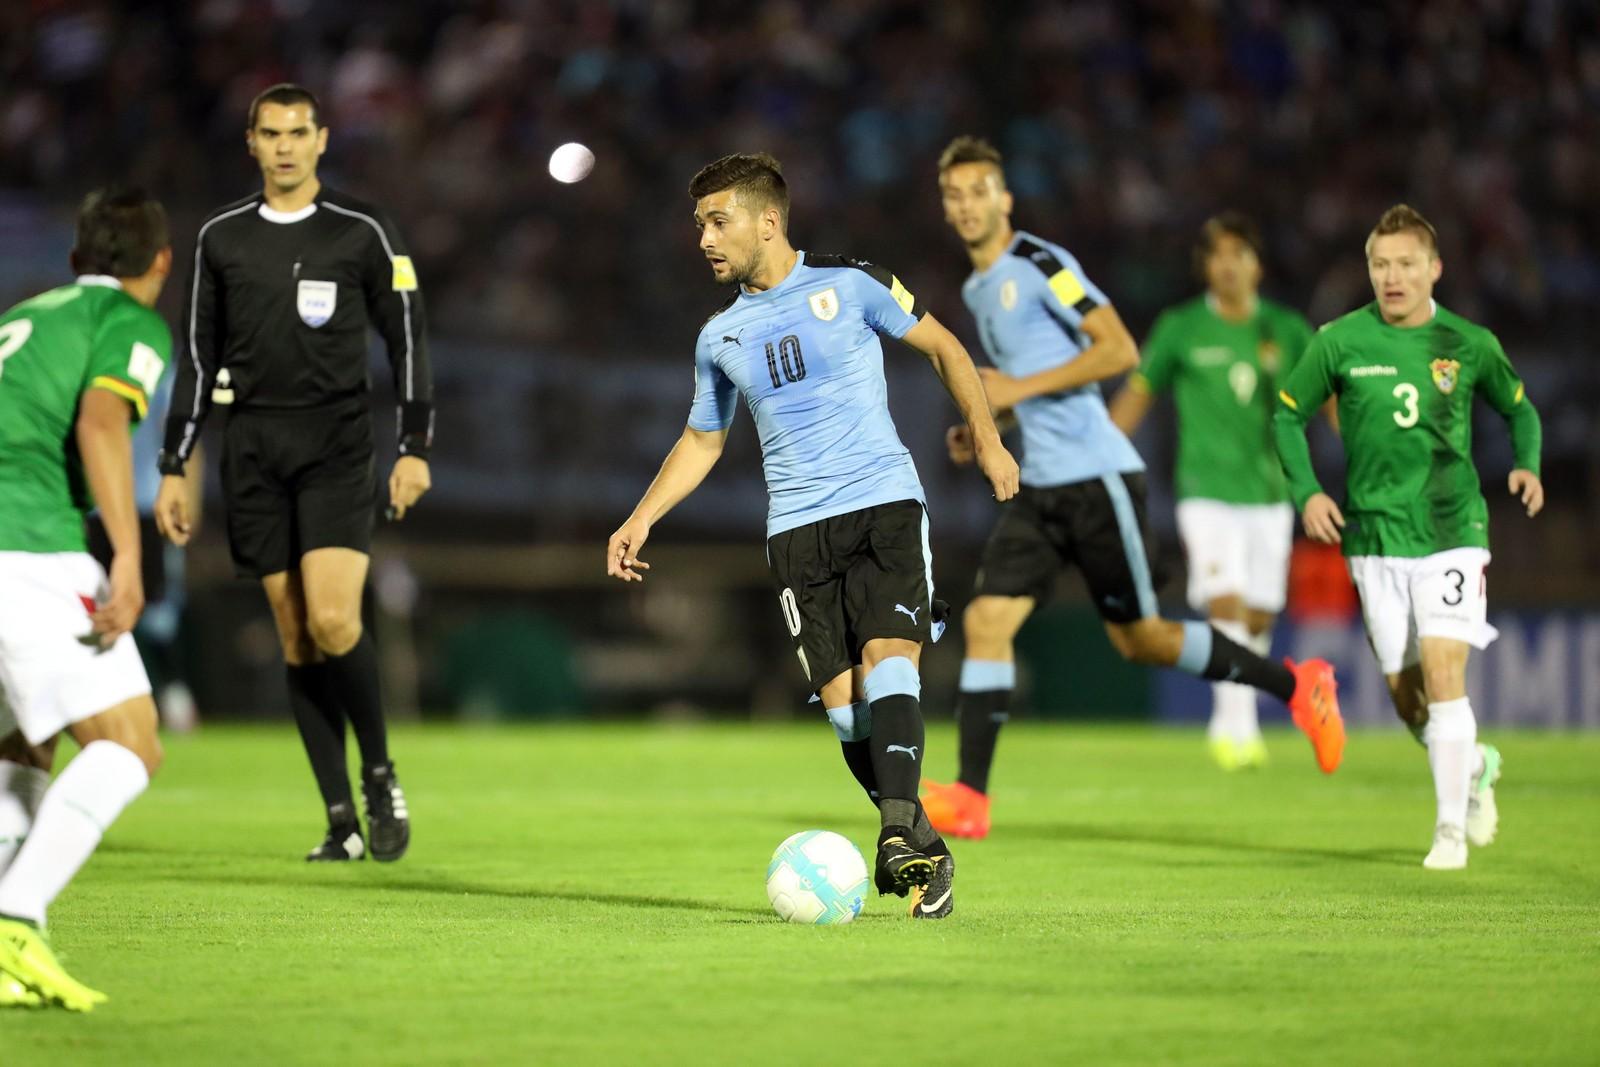 Titular contra a Bolívia, Arrascaeta é liberado e está fora de jogo com o Grêmio